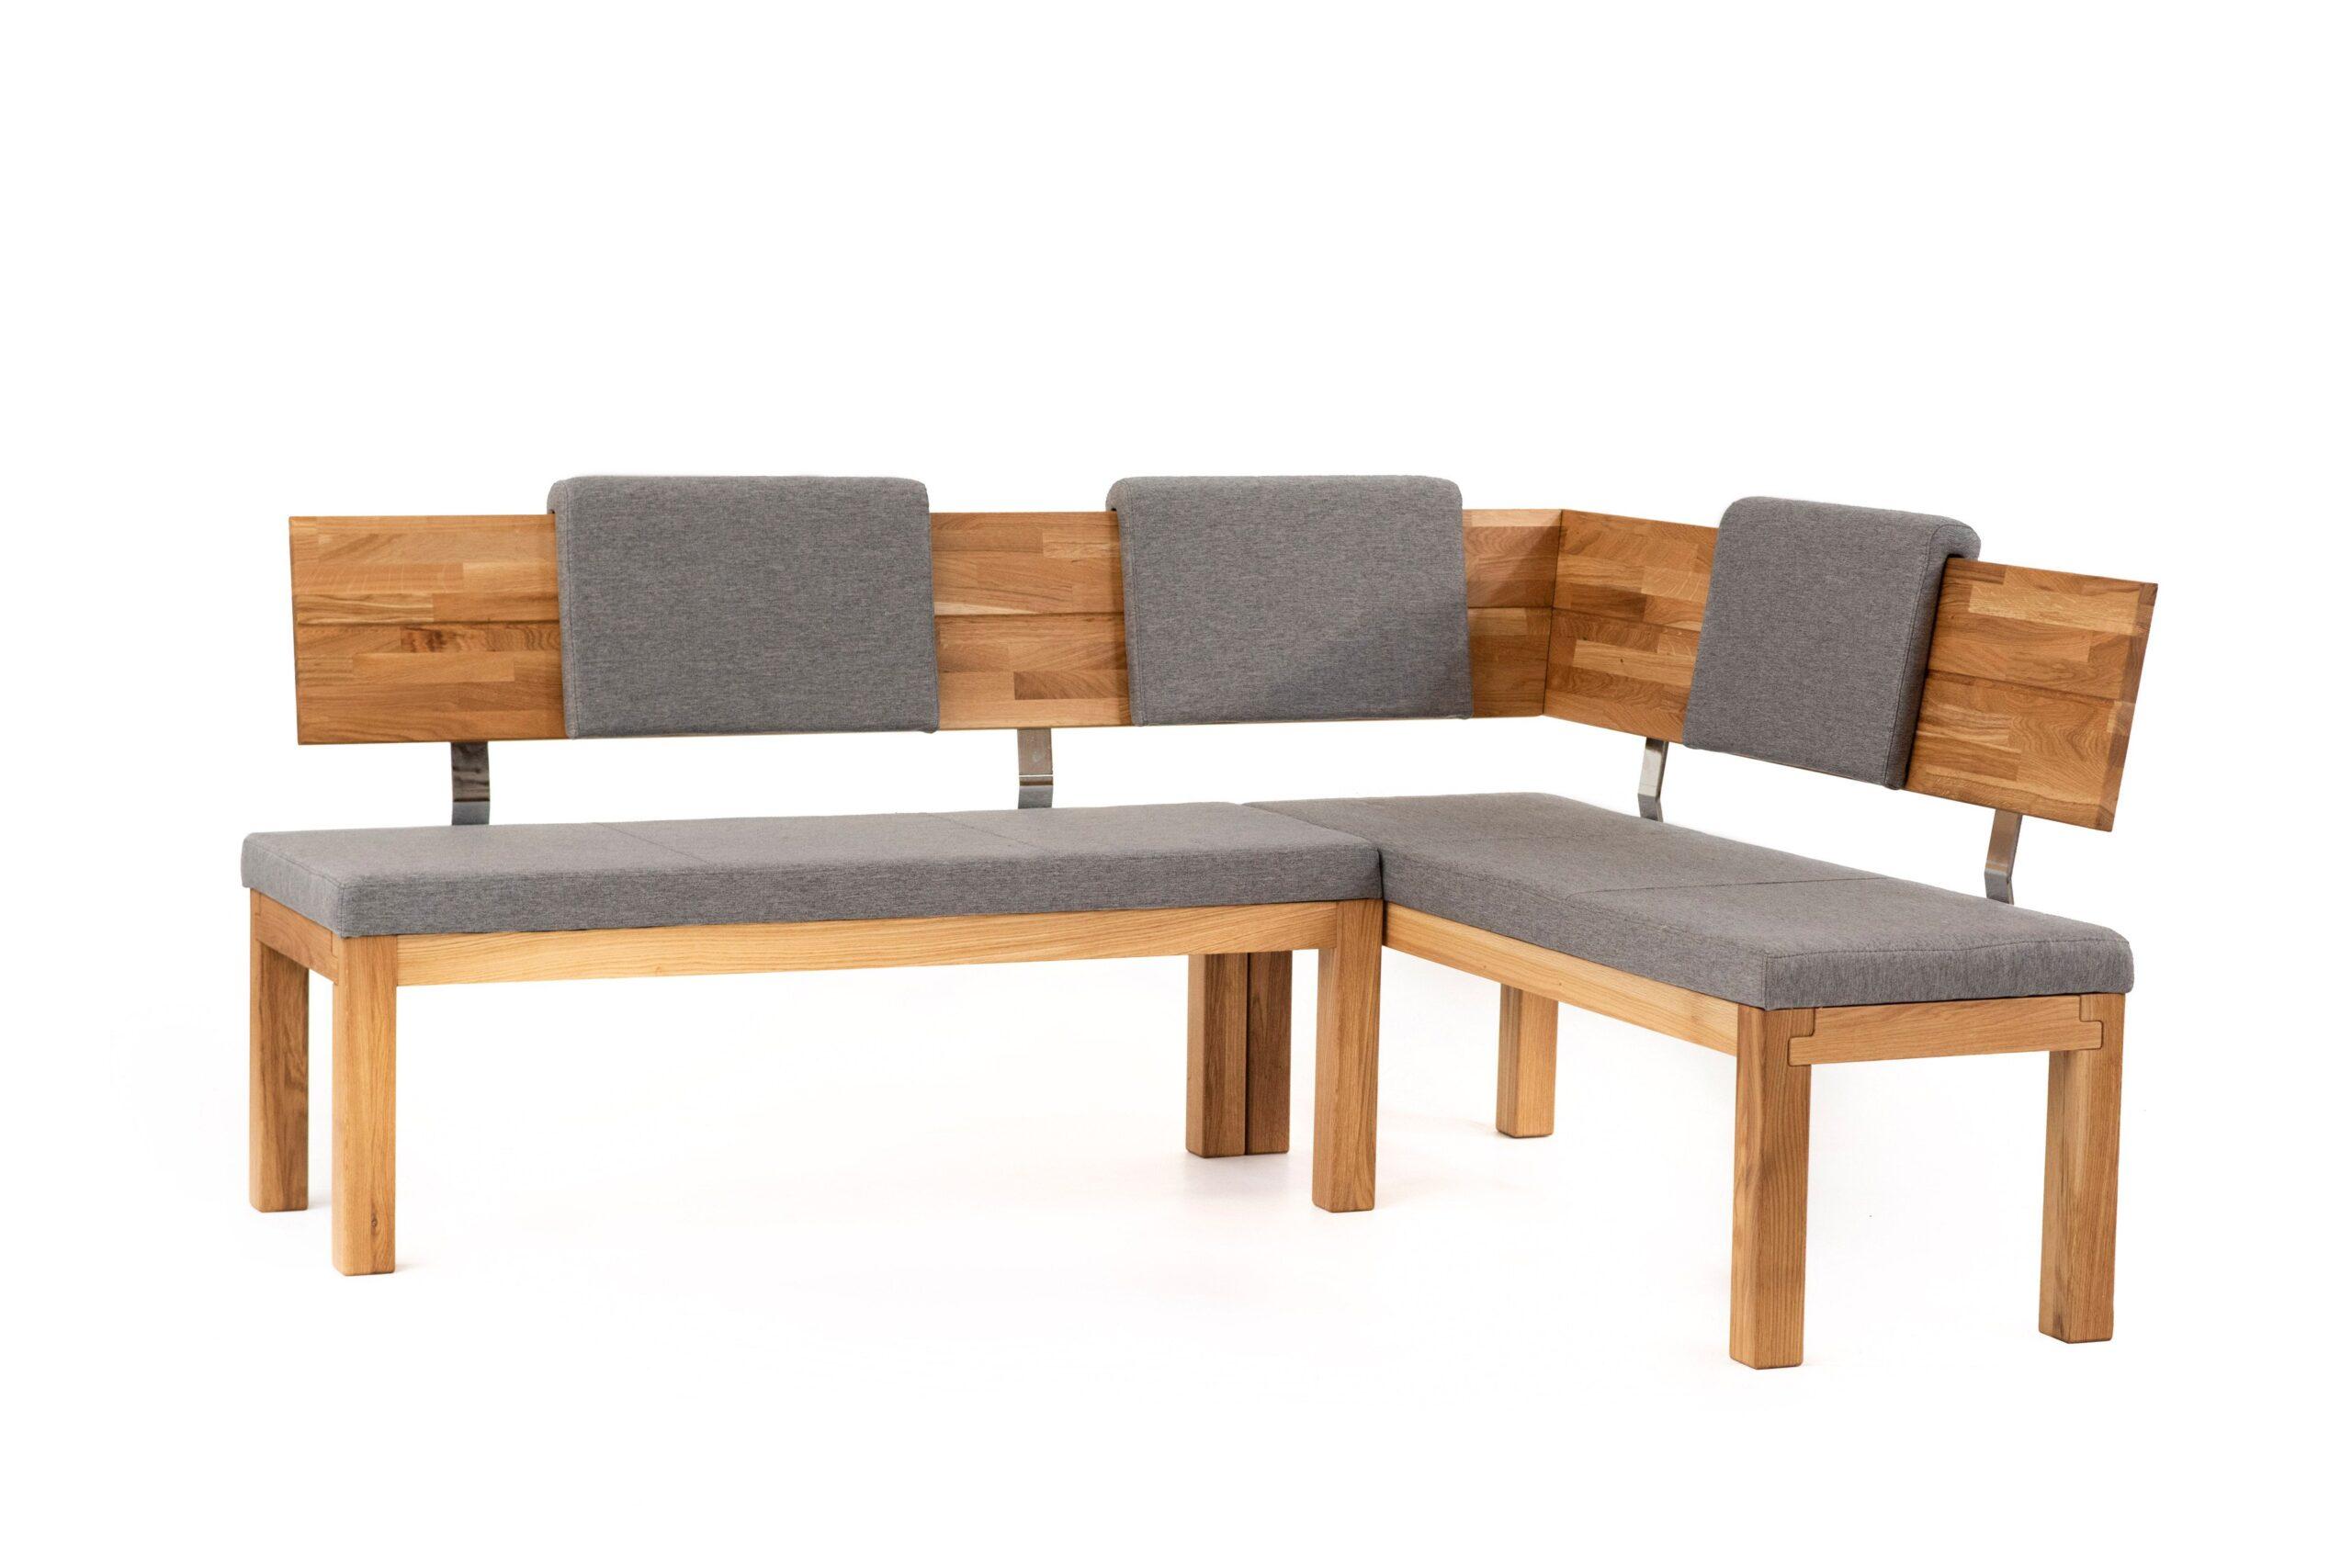 Full Size of Standard Furniture Eckbank Catania In Eiche Grau Mbel Letz Schlafzimmer Komplett Poco Big Sofa Bett 140x200 Betten Küche Wohnzimmer Eckbankgruppe Poco